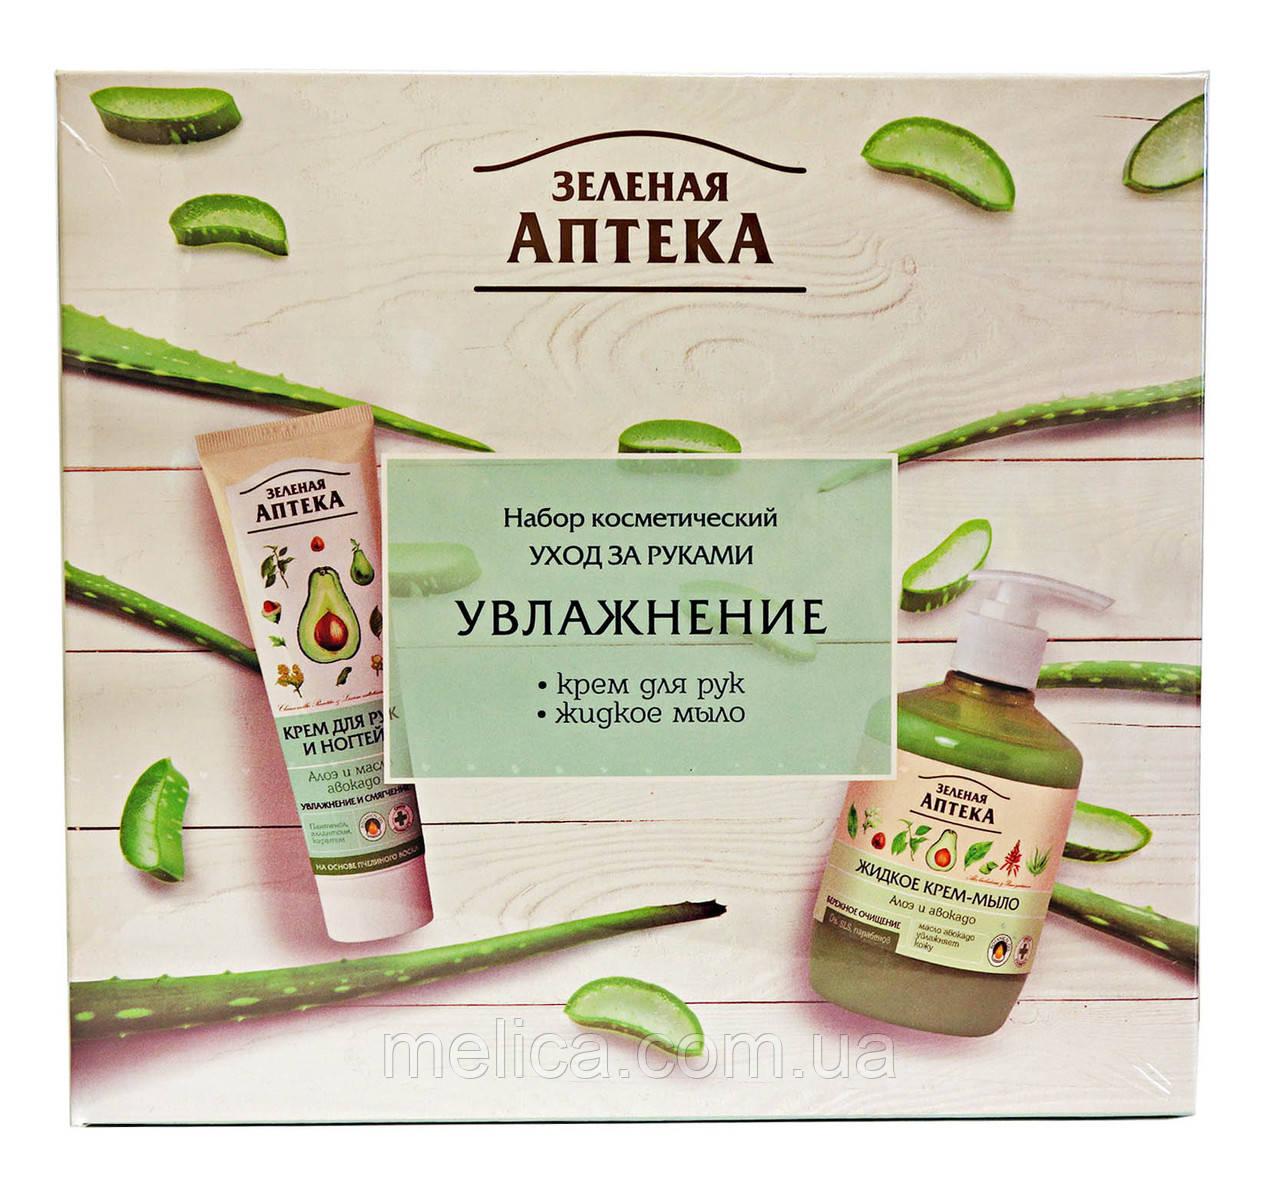 Косметический набор Зеленая Аптека Уход за руками Увлажнение Алоэ и Авокадо (жидкое мыло+крем для рук)